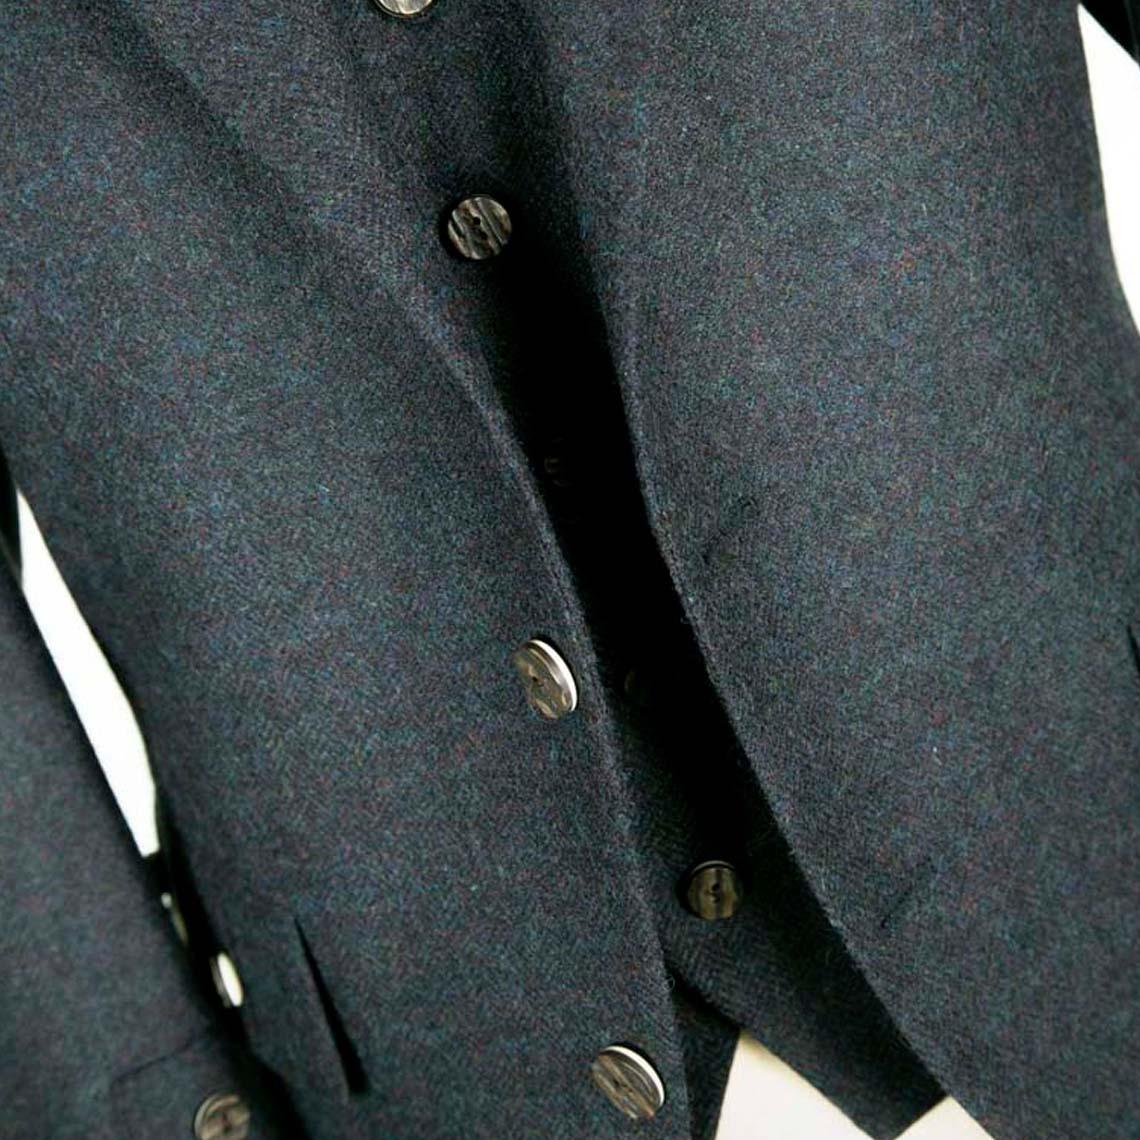 Navy Crail Jacket & Waistcoat